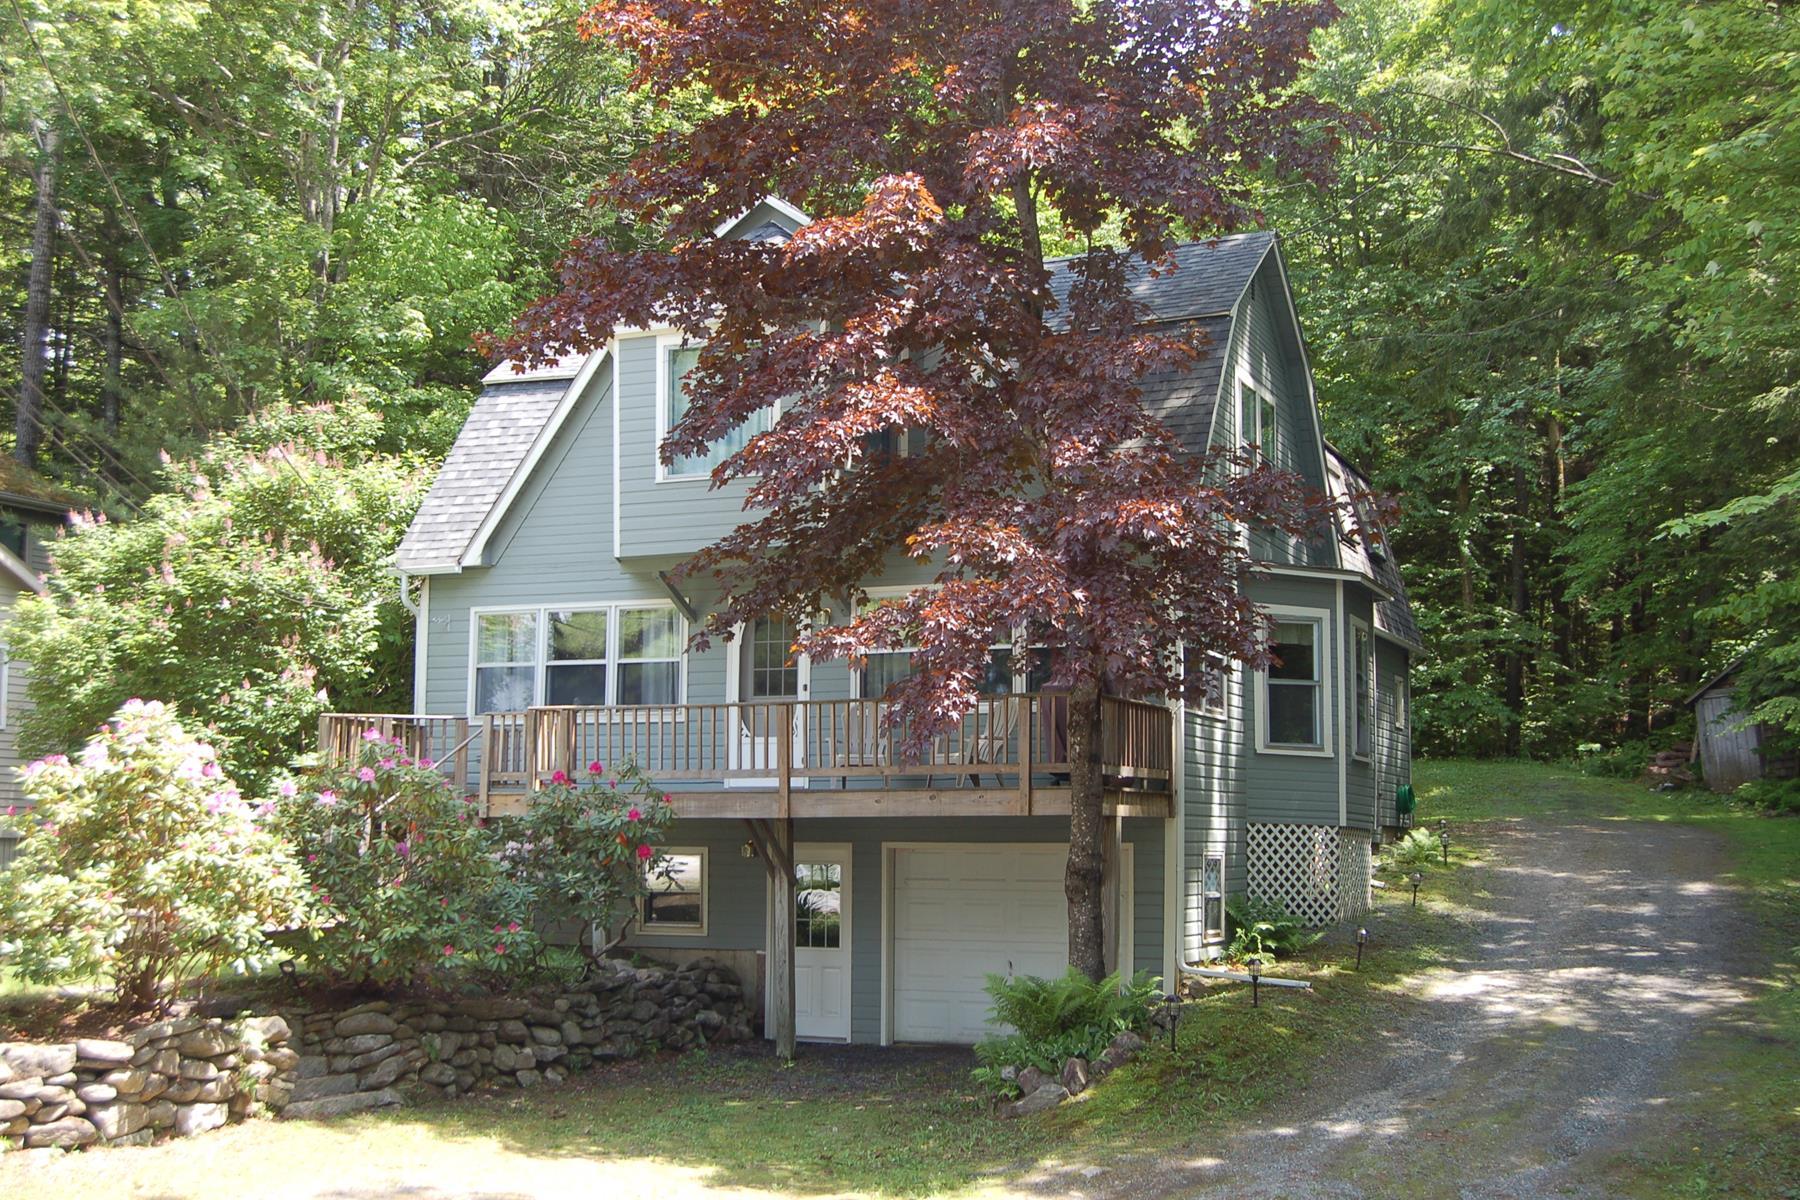 Einfamilienhaus für Verkauf beim 343 Bowles Road, Newbury 343 Bowles Rd Newbury, New Hampshire 03255 Vereinigte Staaten